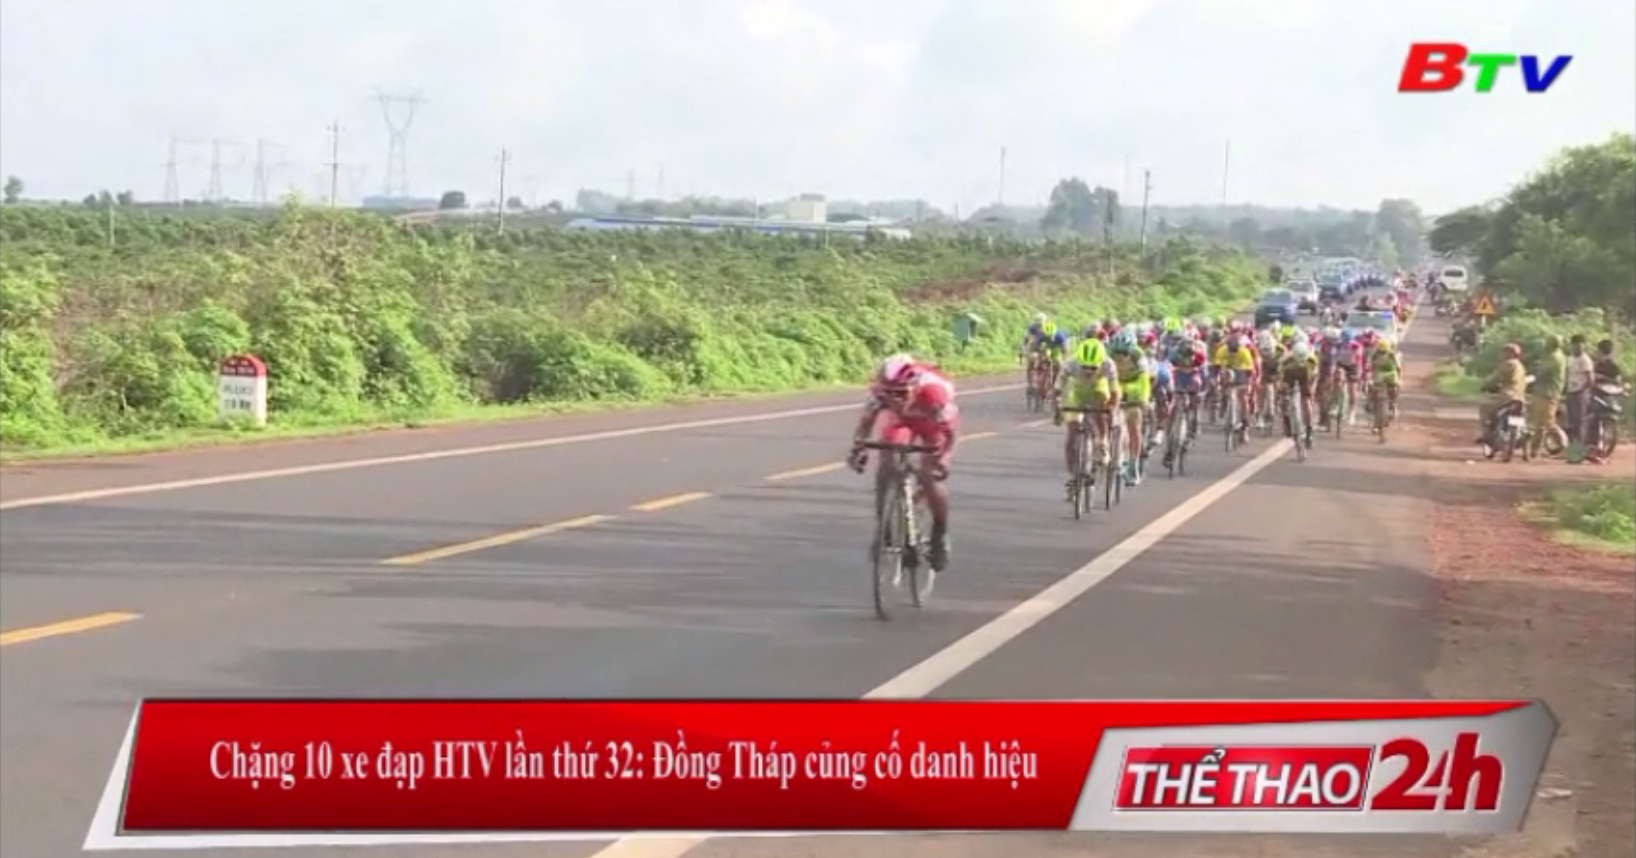 Chặng 10 xe đạp HTV lần thứ 32 - Đồng Tháp củng cố danh hiệu